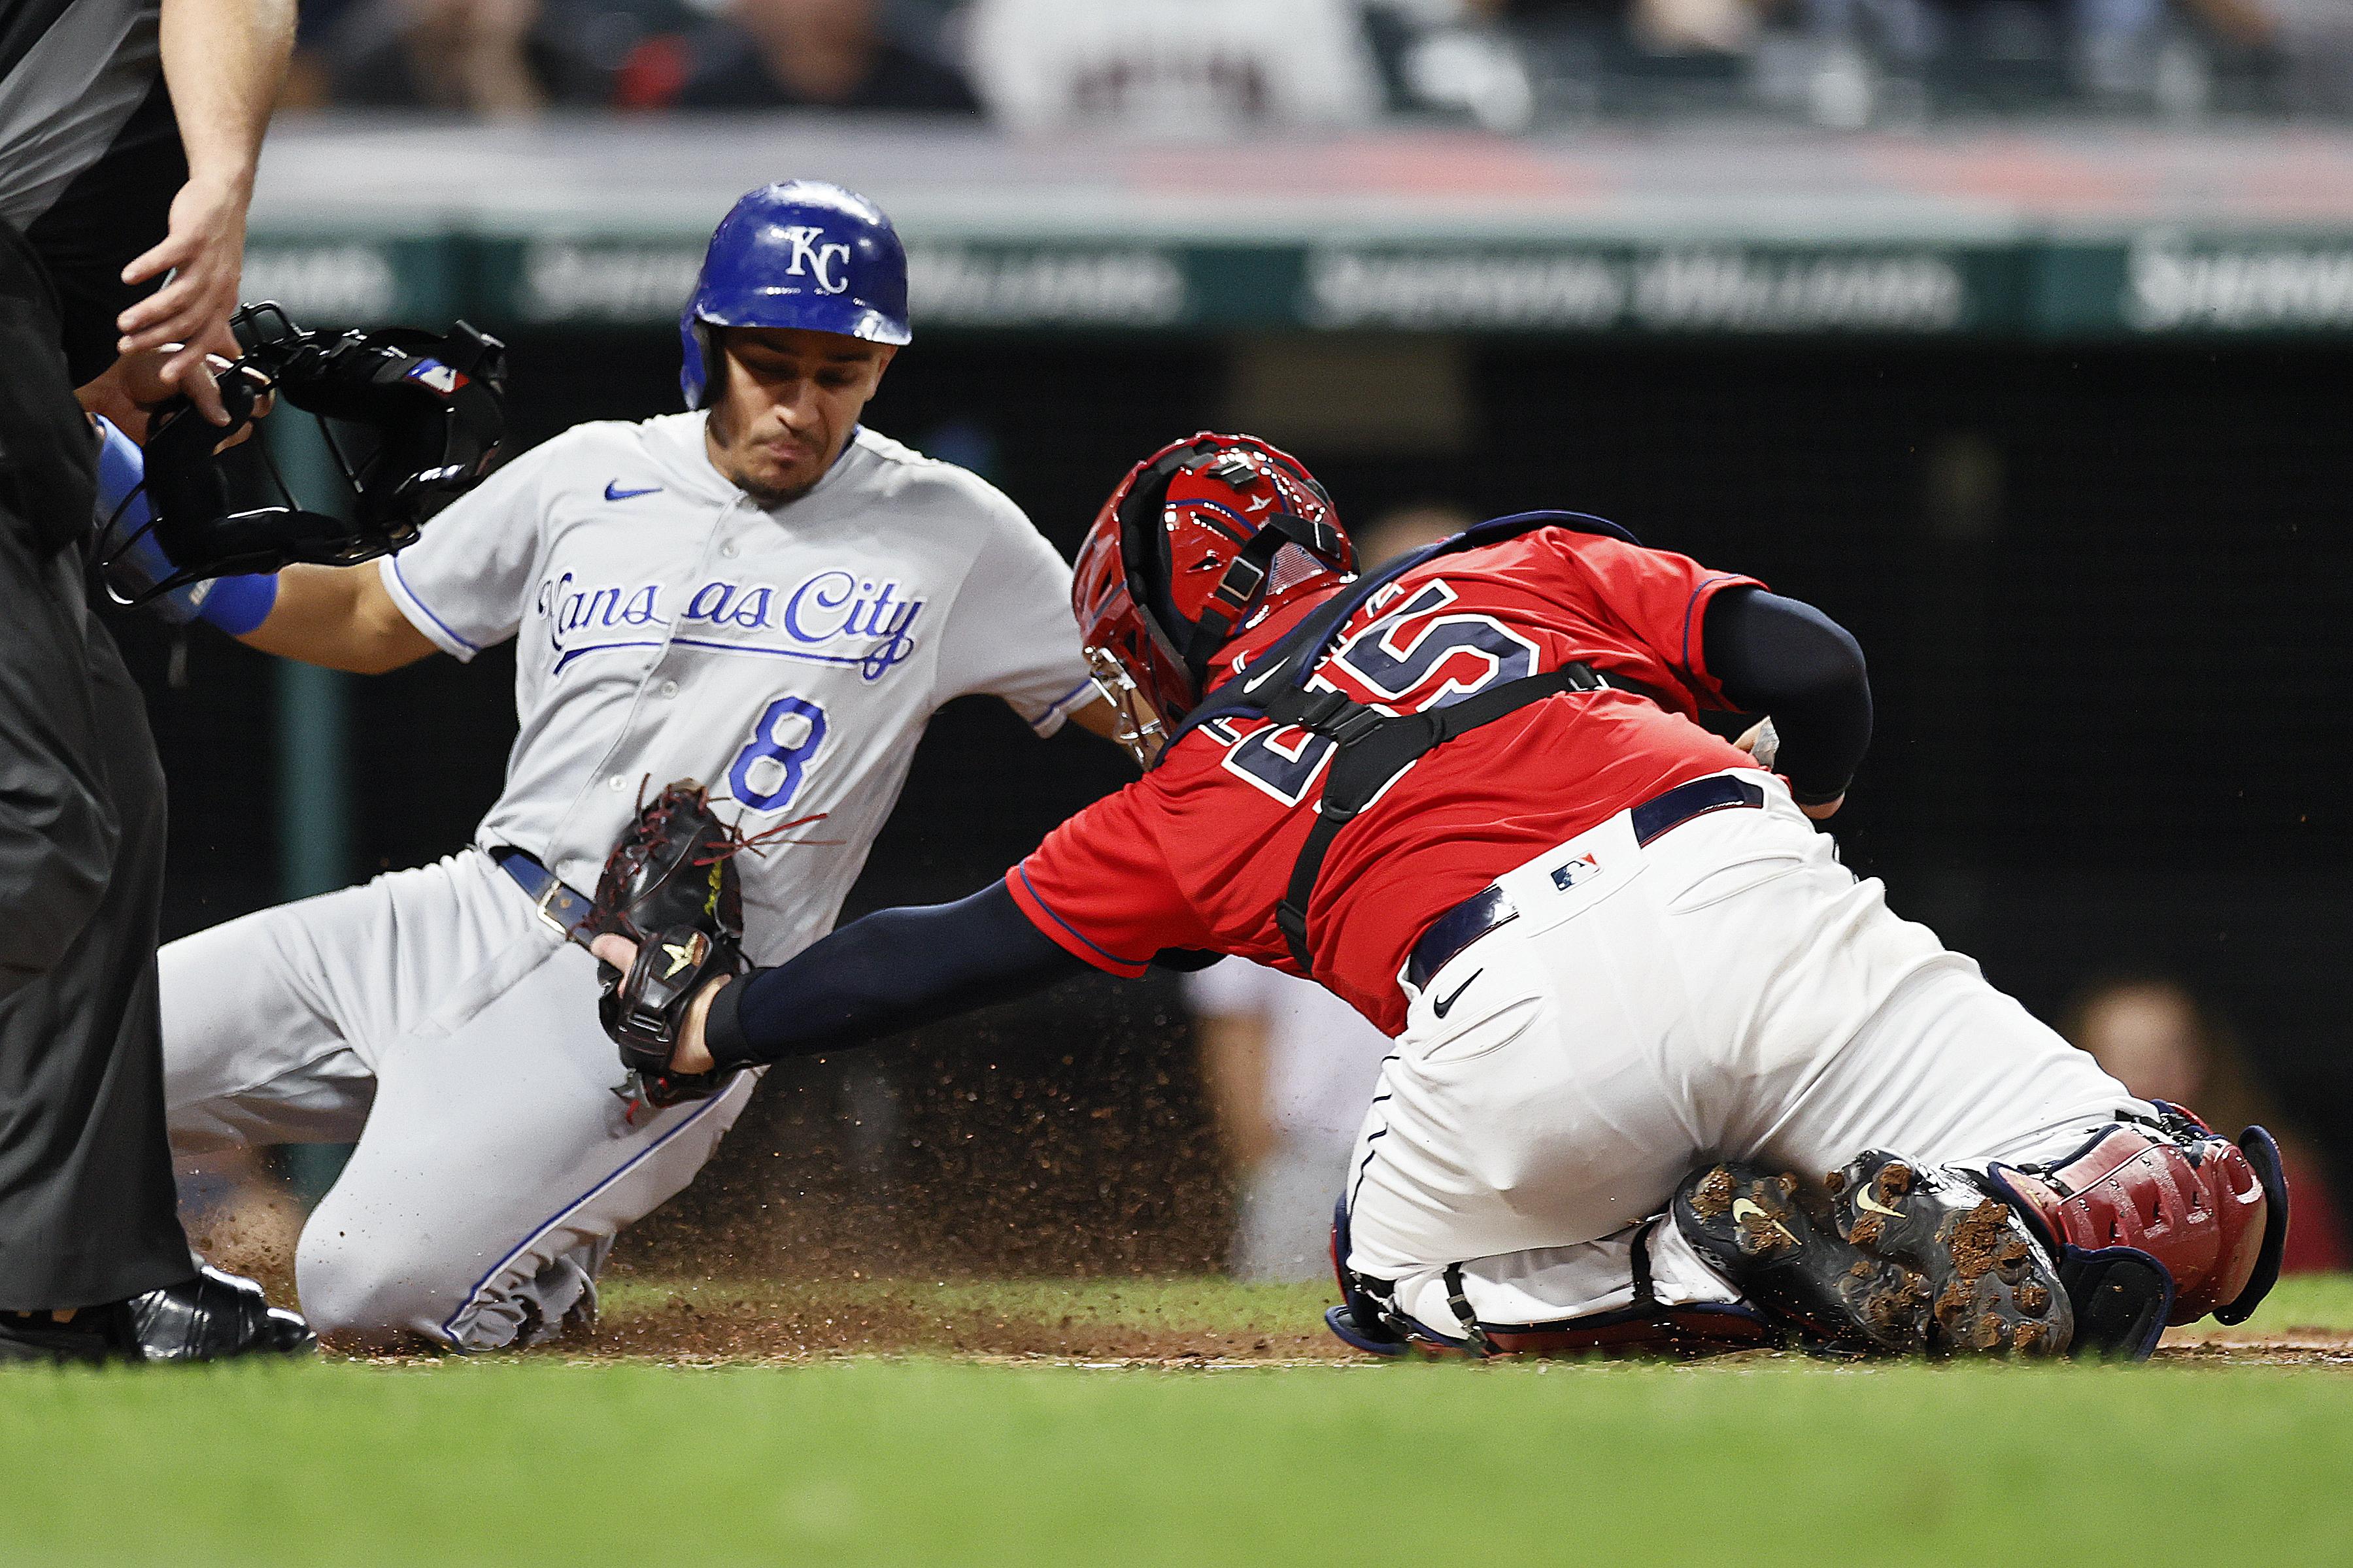 Kansas City Royals v Cleveland Indians - Game 2